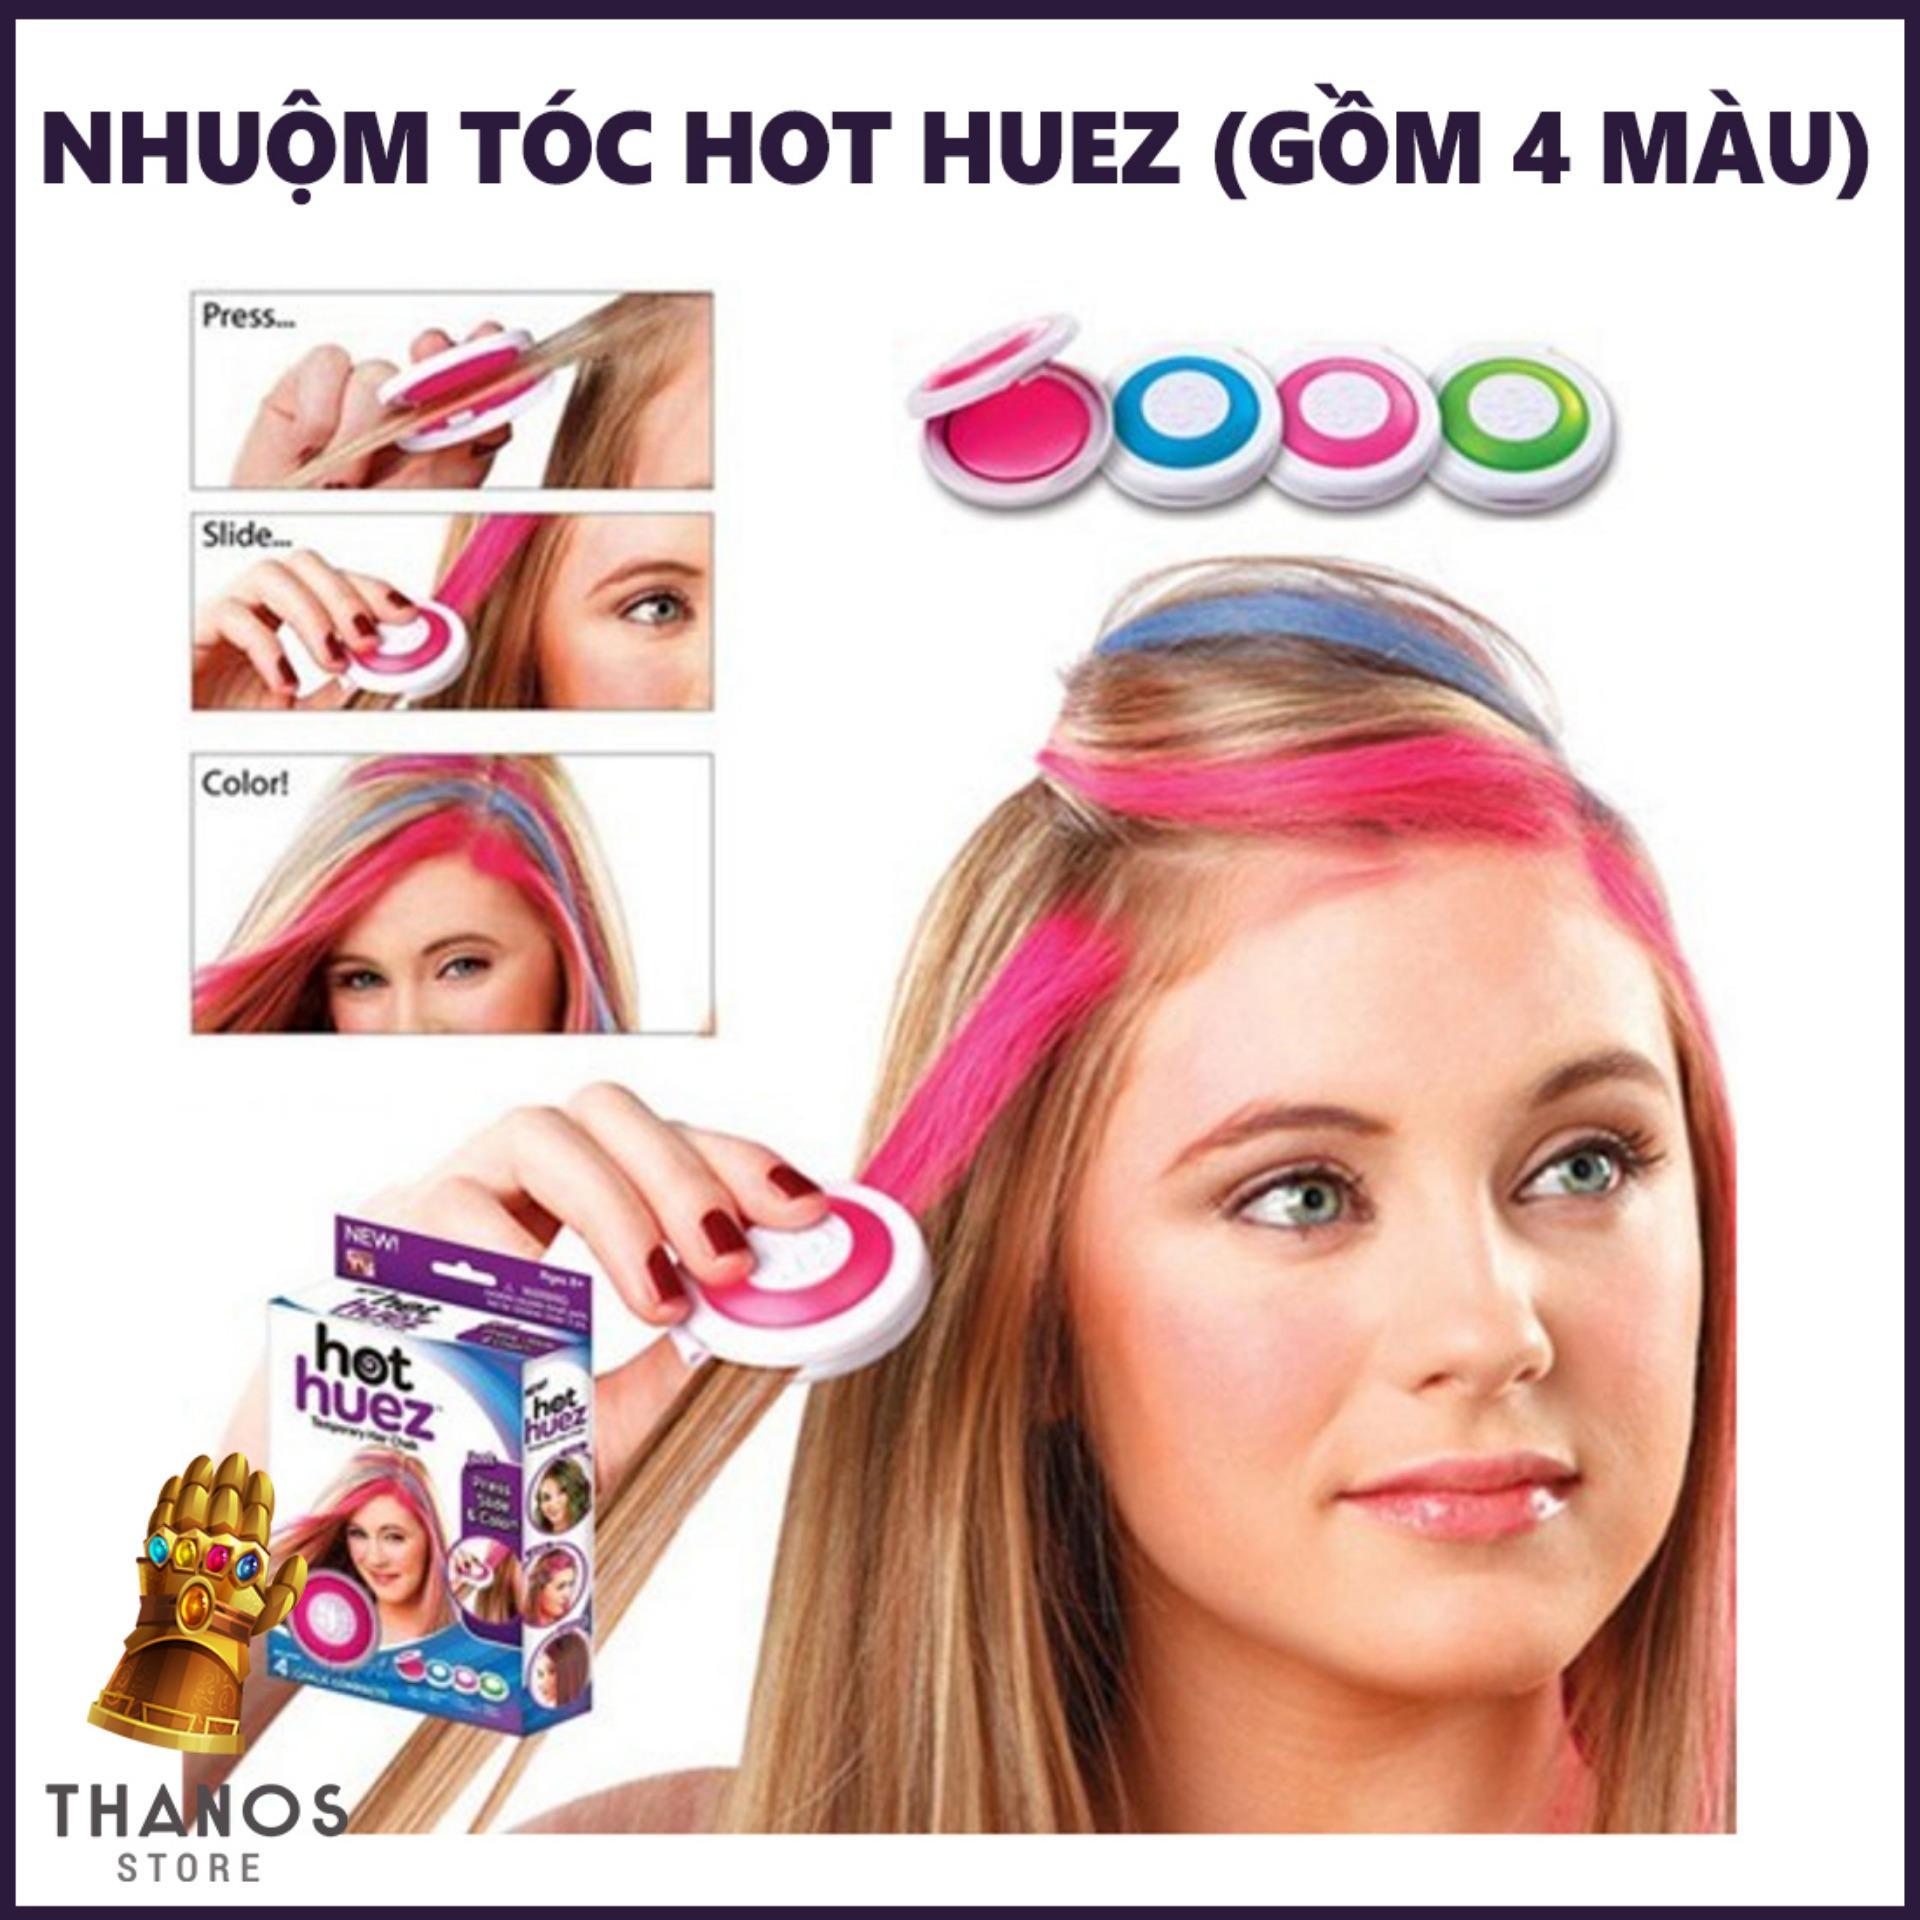 Bộ hộp phấn nhuộm tóc Hot Huez (gồm 4 màu) - Thanos Store nhập khẩu